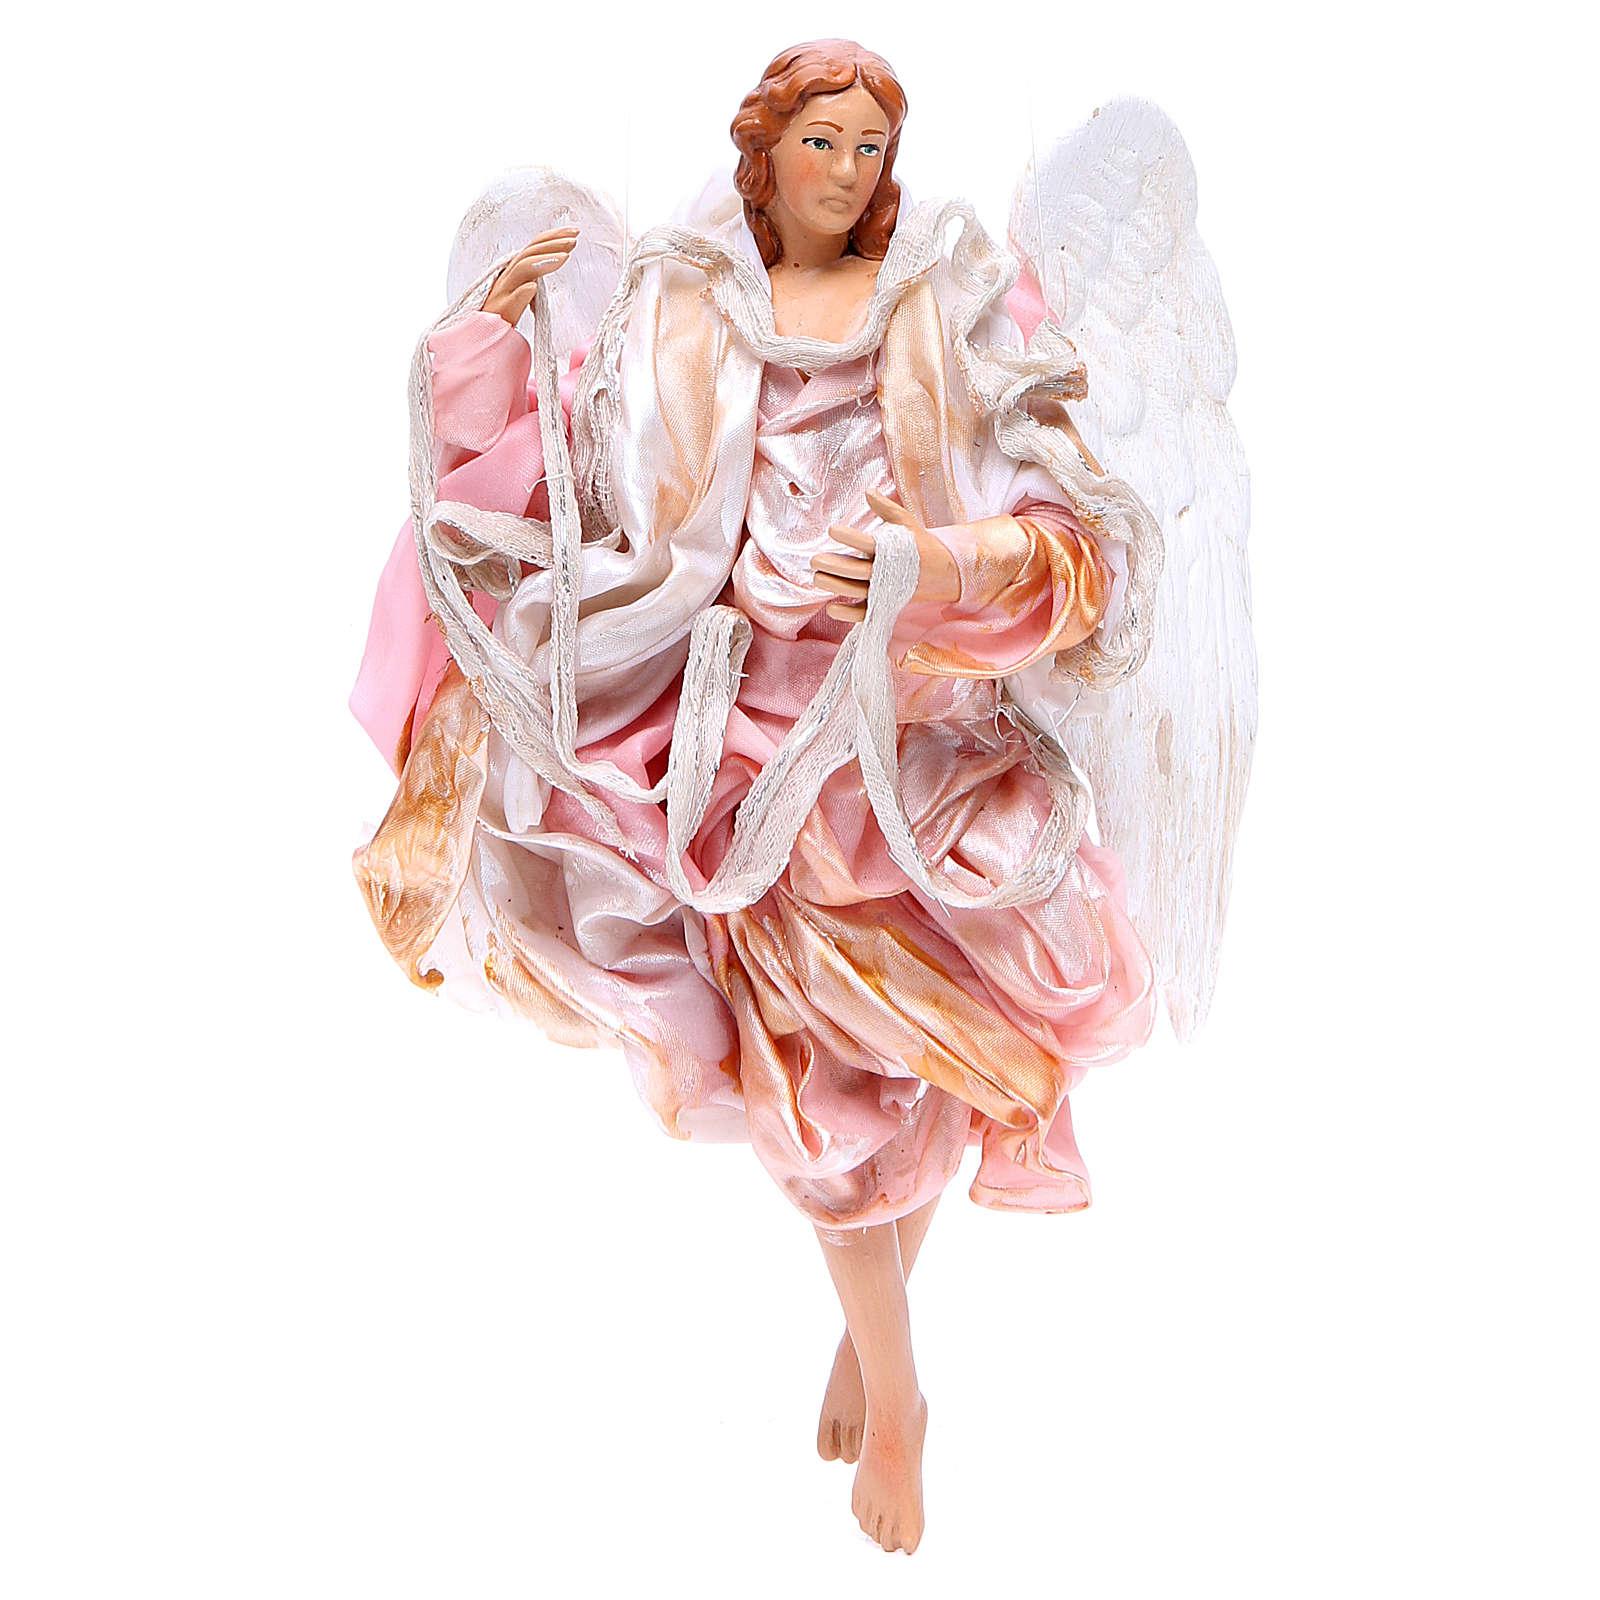 Ángel 18-22 cm rosa alas curvas belén Nápoles 4